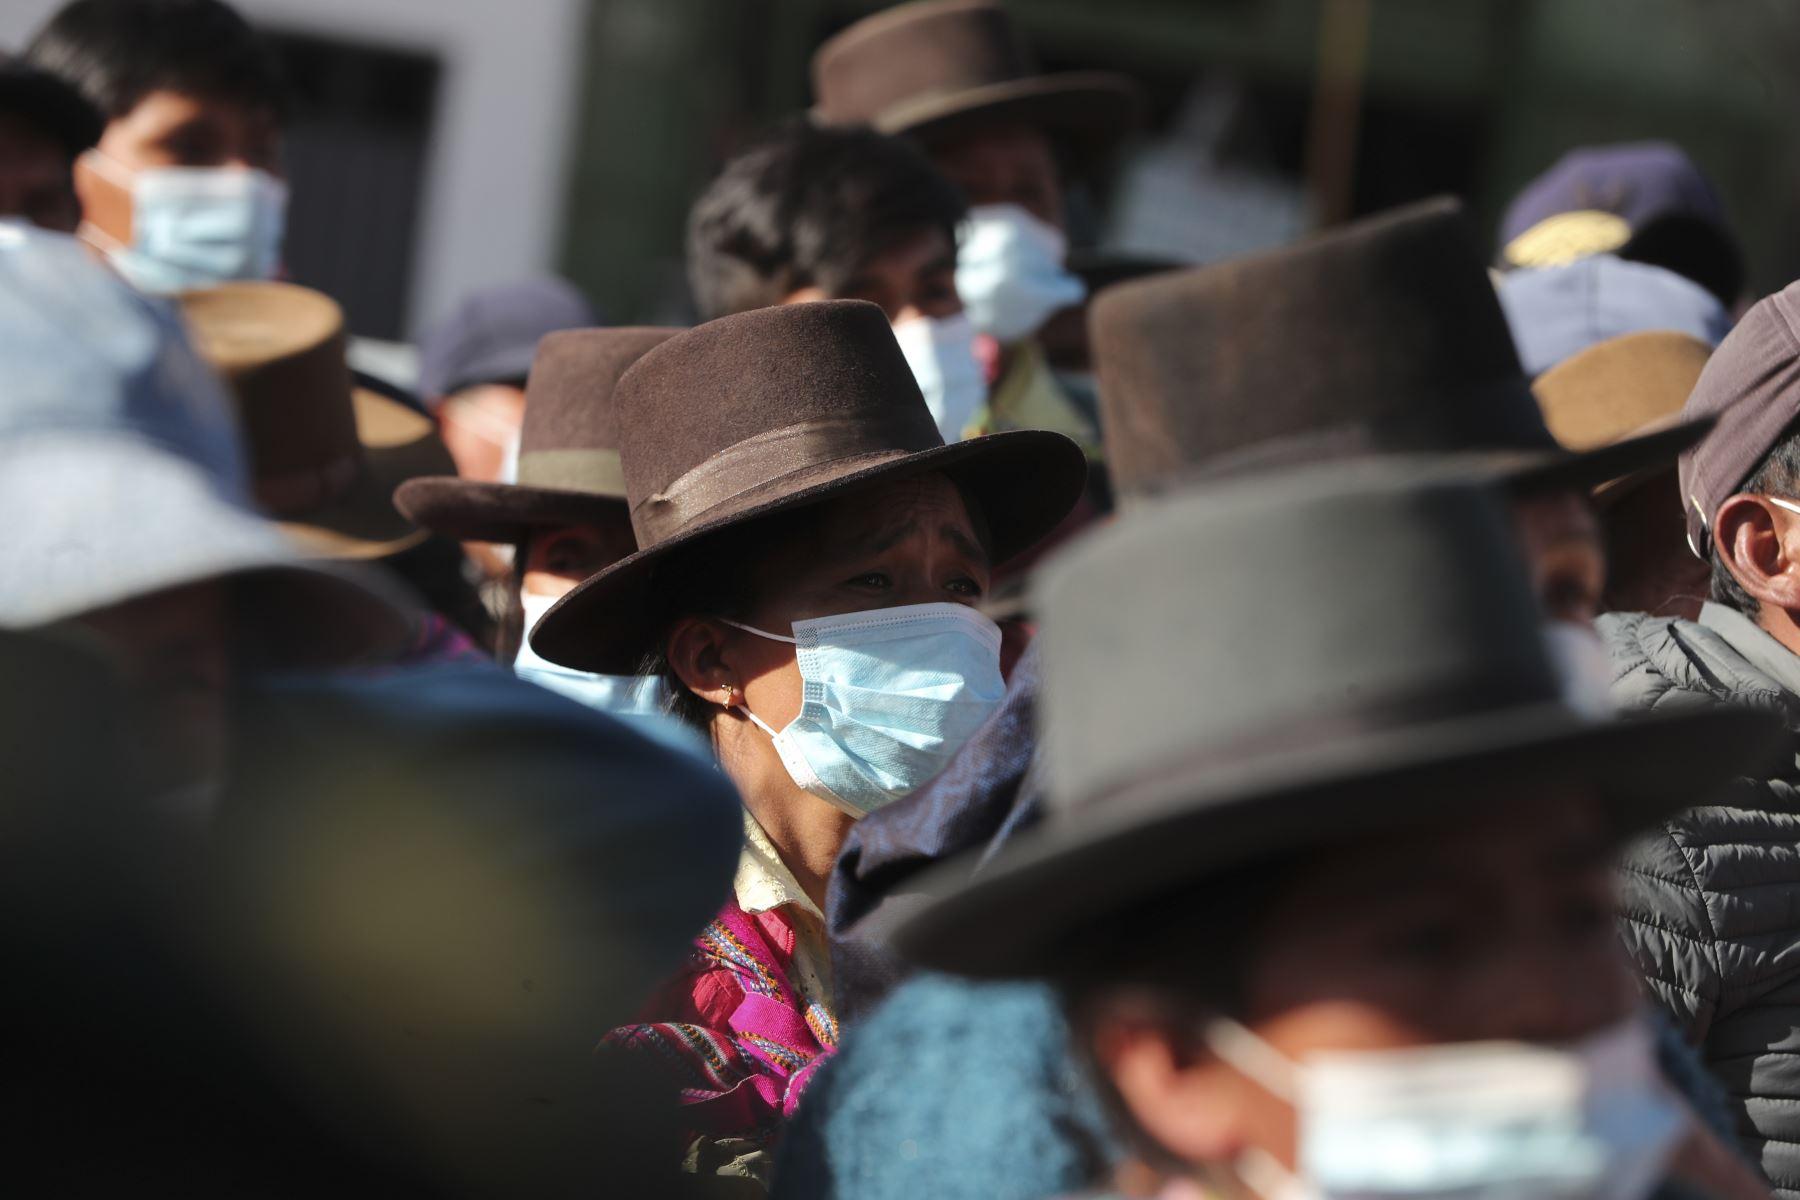 El presidente del Consejo de Ministros, Guido Bellido, llegó a Andahuaylas, región Apurímac, para reunirse con autoridades y tratar las necesidades más urgentes en salud, agricultura, reactivación económica, educación y transportes en esta zona del país. Foto: PCM